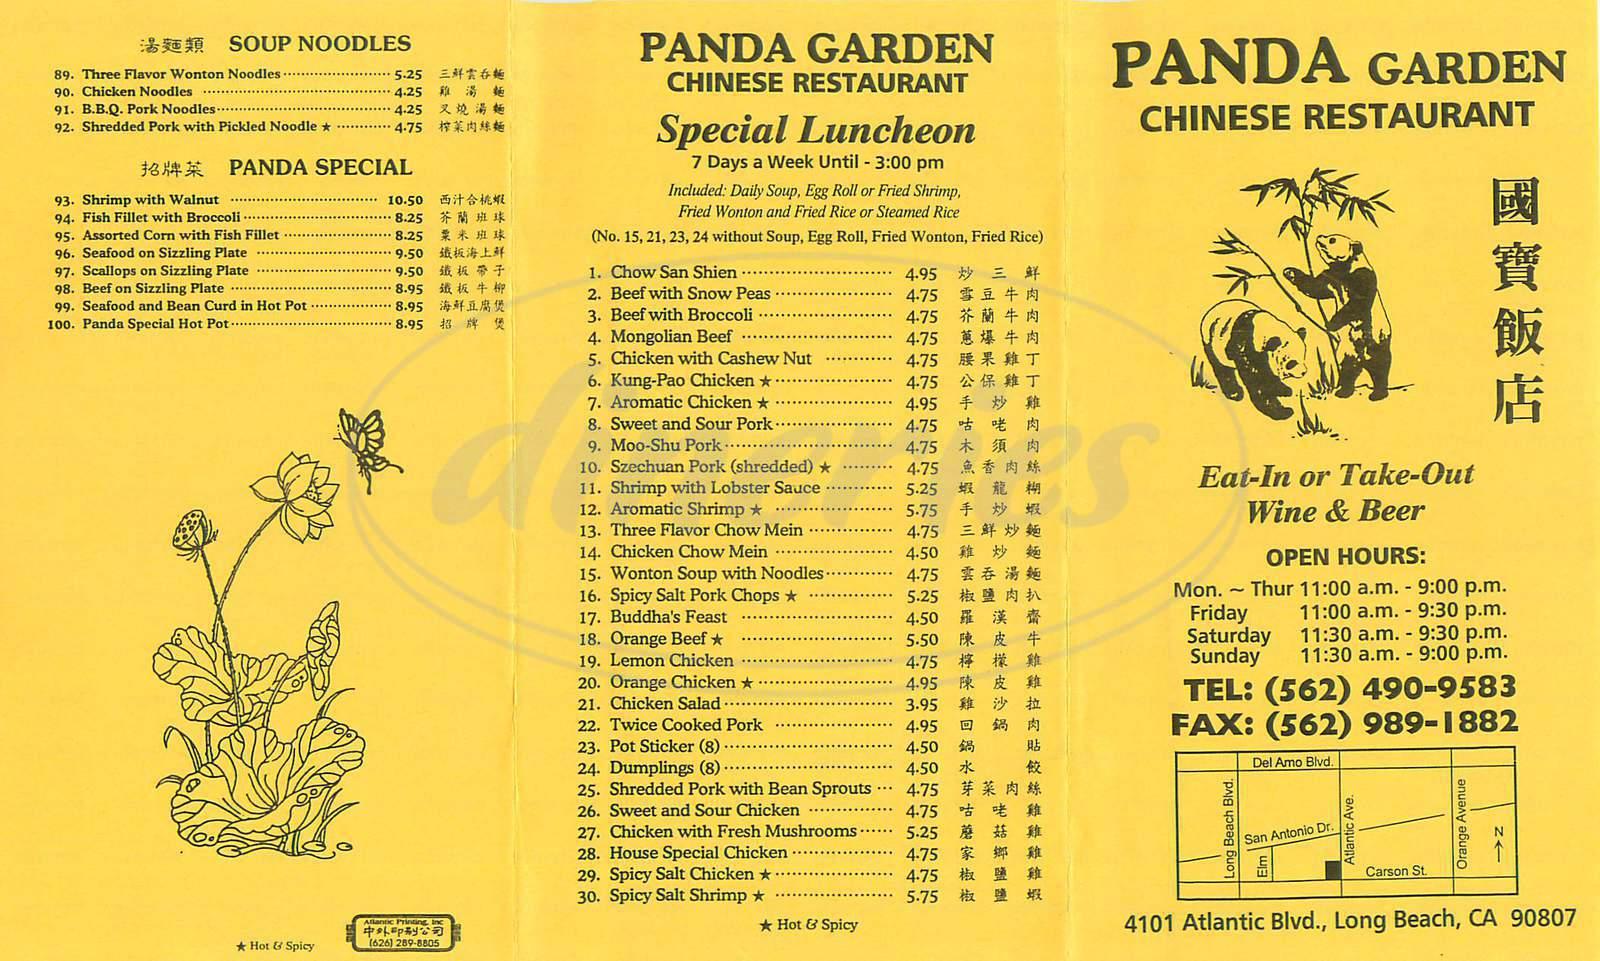 menu for Panda Garden